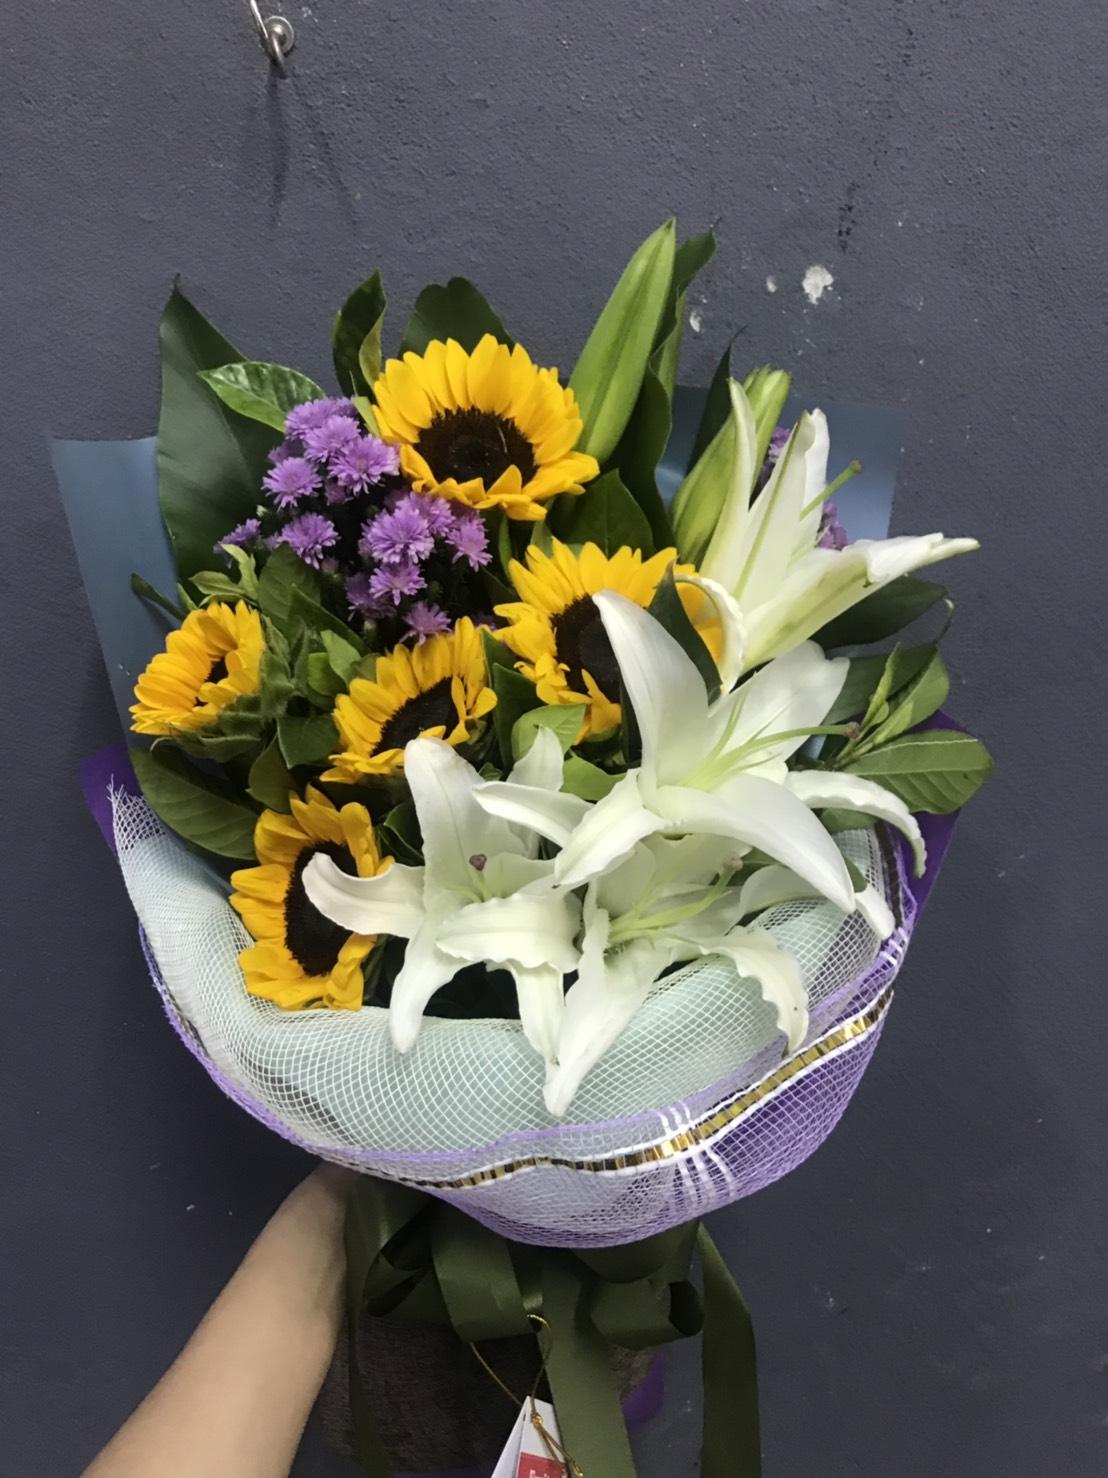 ช่อดอกไม้ดีไซน์พิเศษ มีดอกทานตะวันสีเหลืองเป็นจุดดึงดูดสายตา